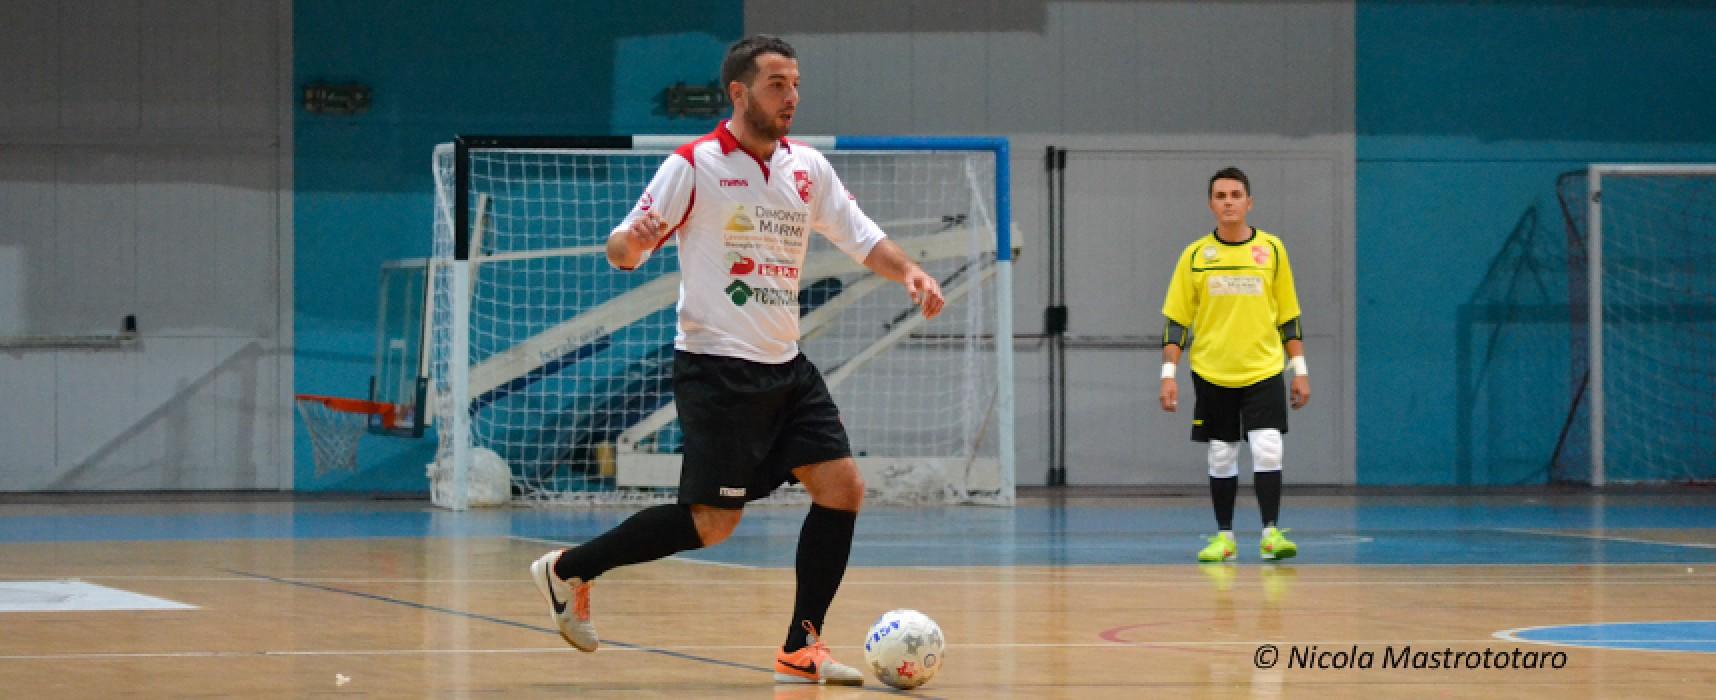 Calcio a 5, serie C2: al via la stagione del Santos Club, tra Coppa Puglia e mercato